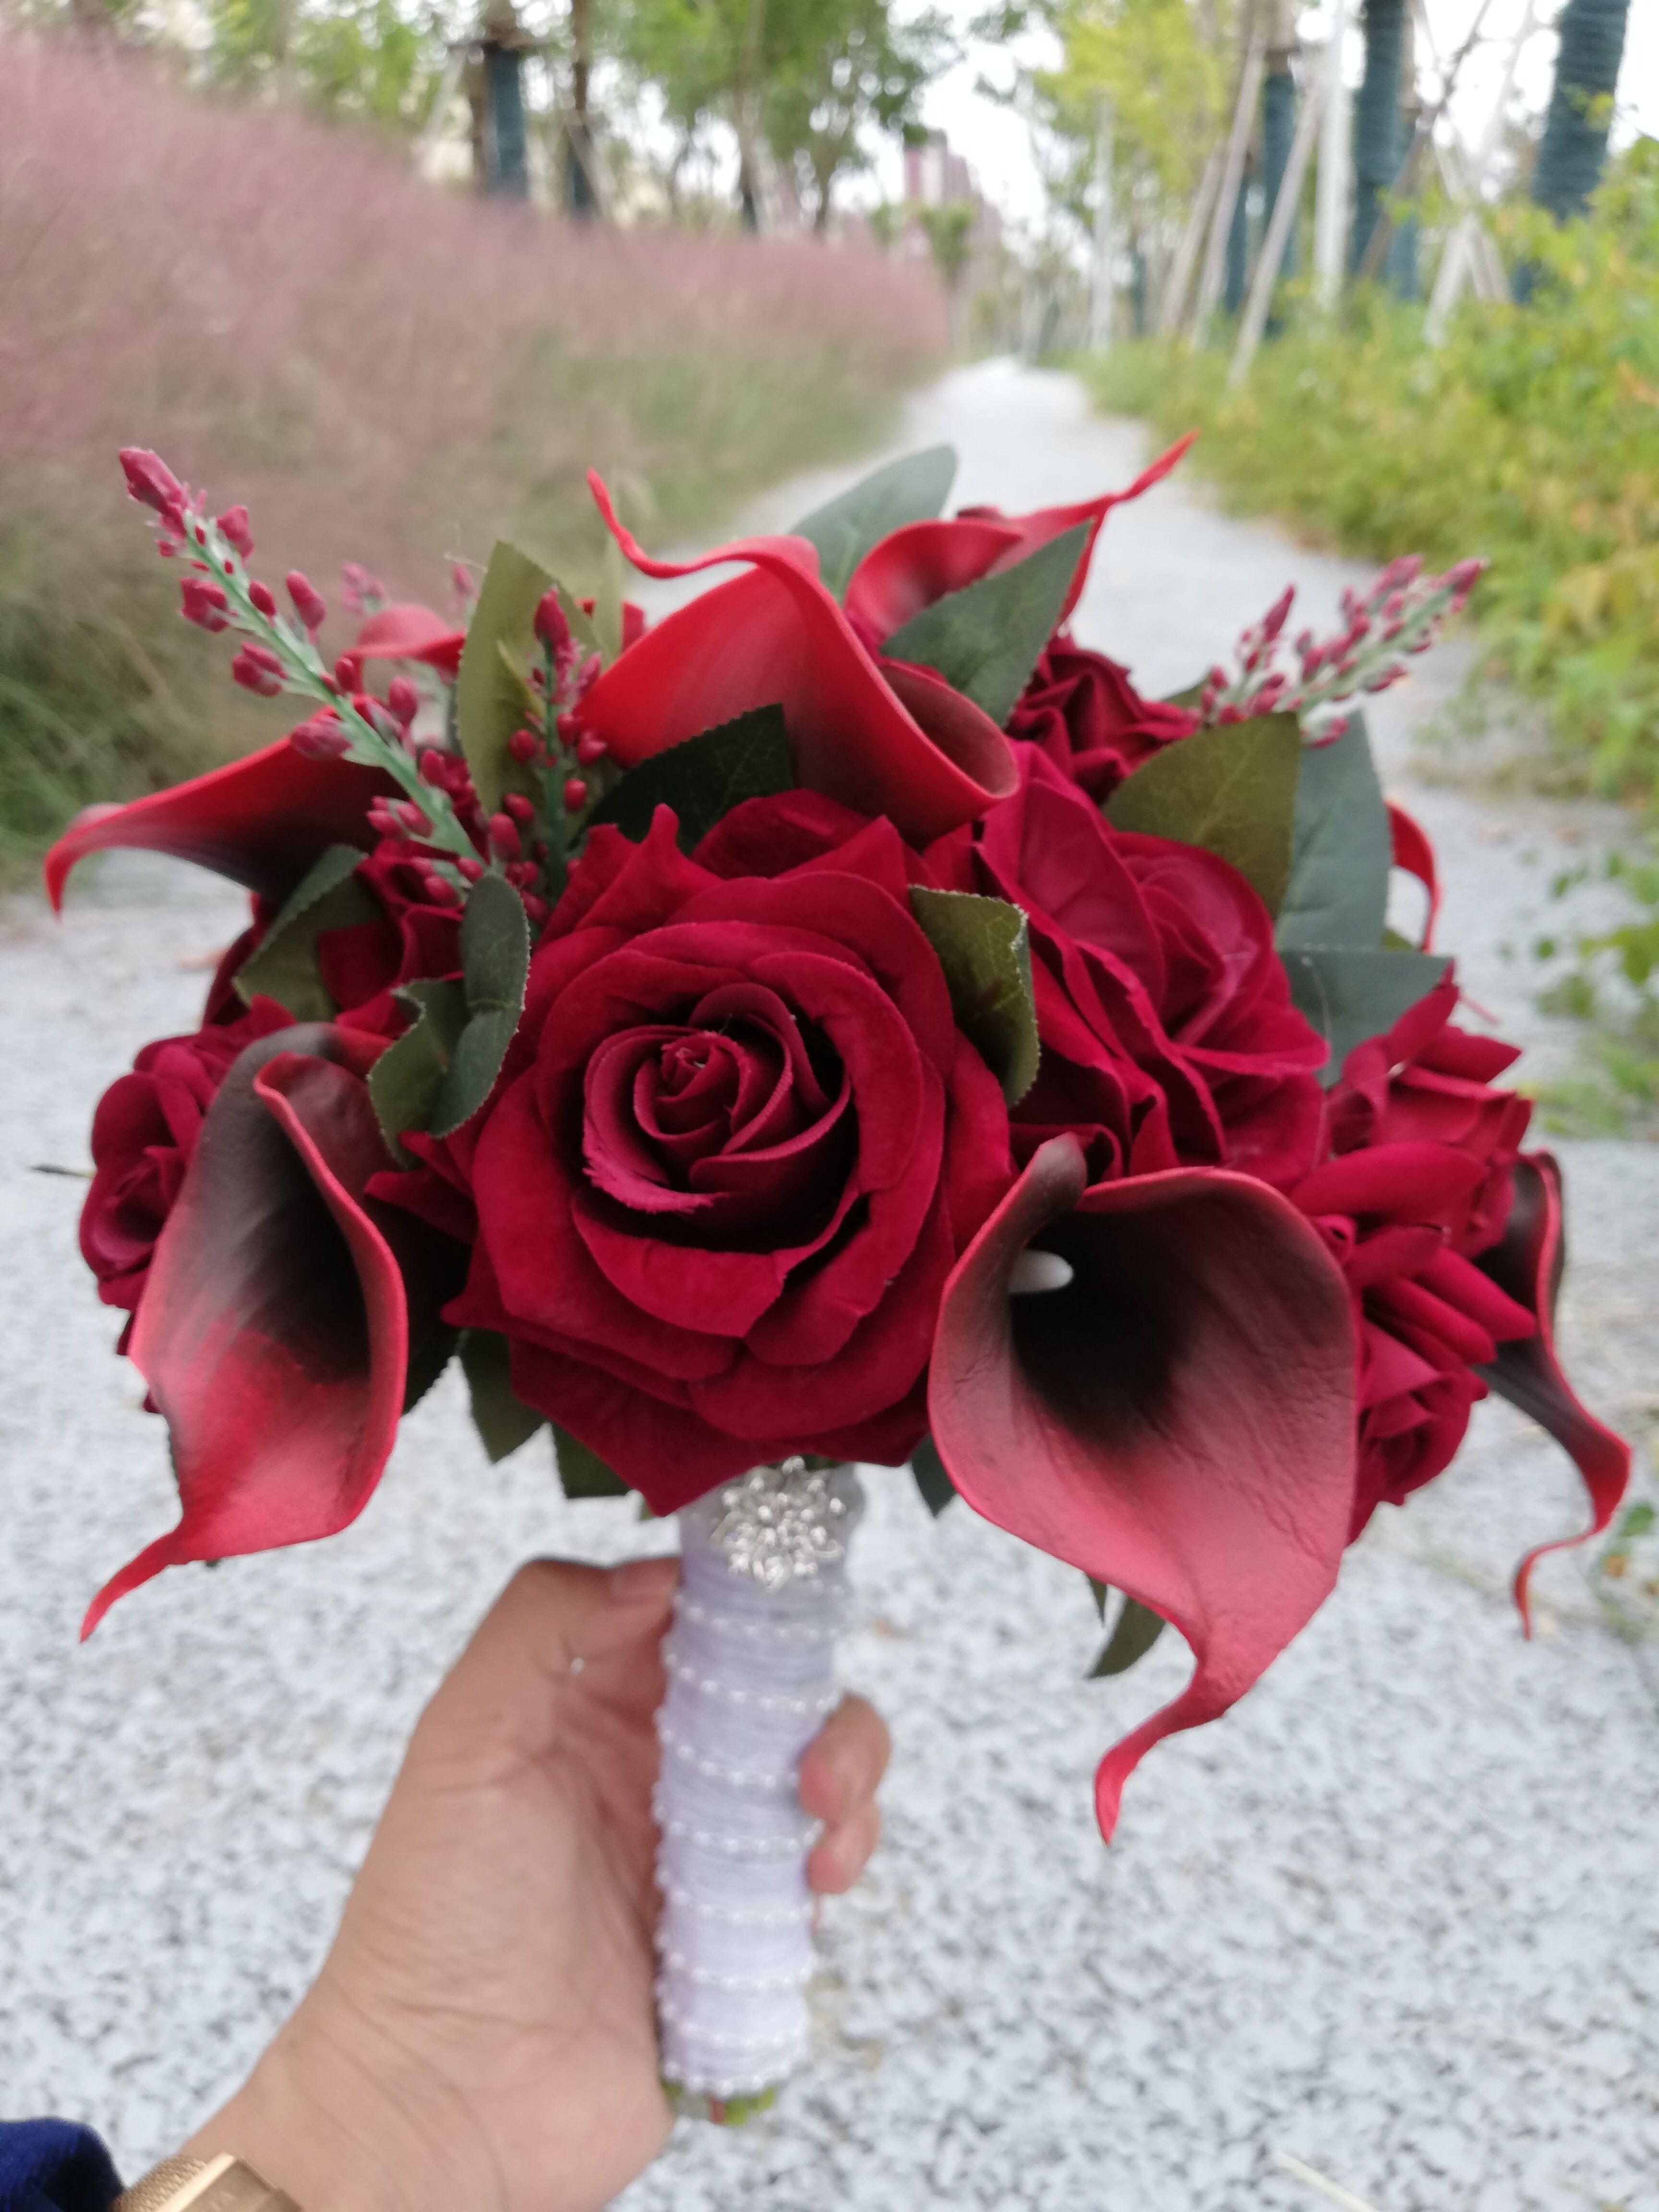 Runde Burgunder Hochzeitsblumen Künstlicher Schwarzer Kern Calla Lilies Hochzeitsblumensträuße Rose Brautsträuße De Mariage Rose